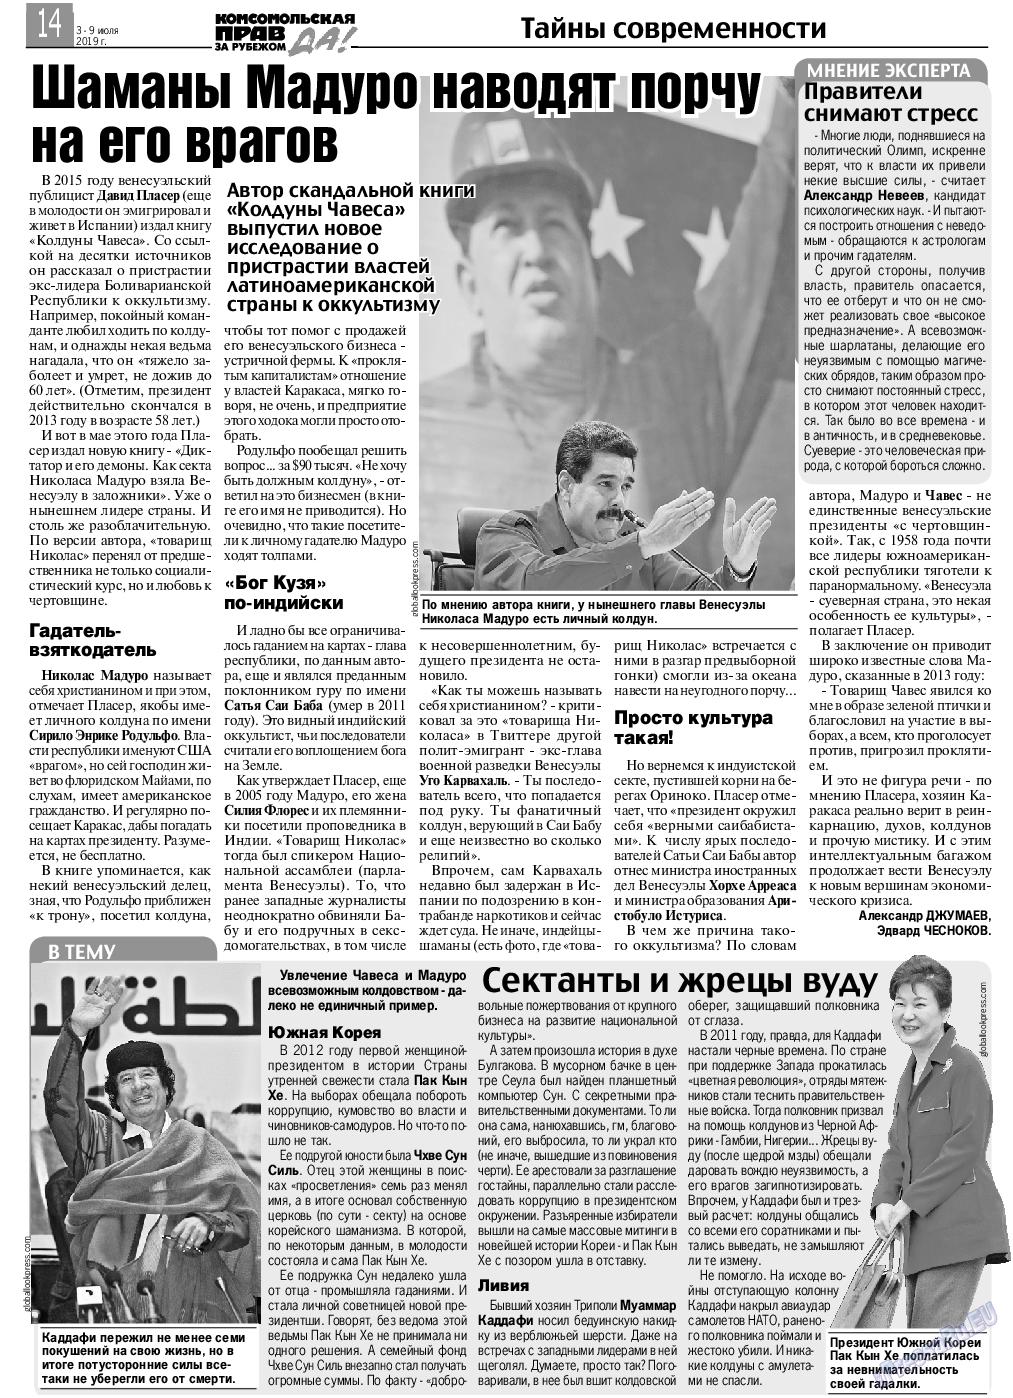 КП в Европе (газета). 2019 год, номер 27, стр. 14